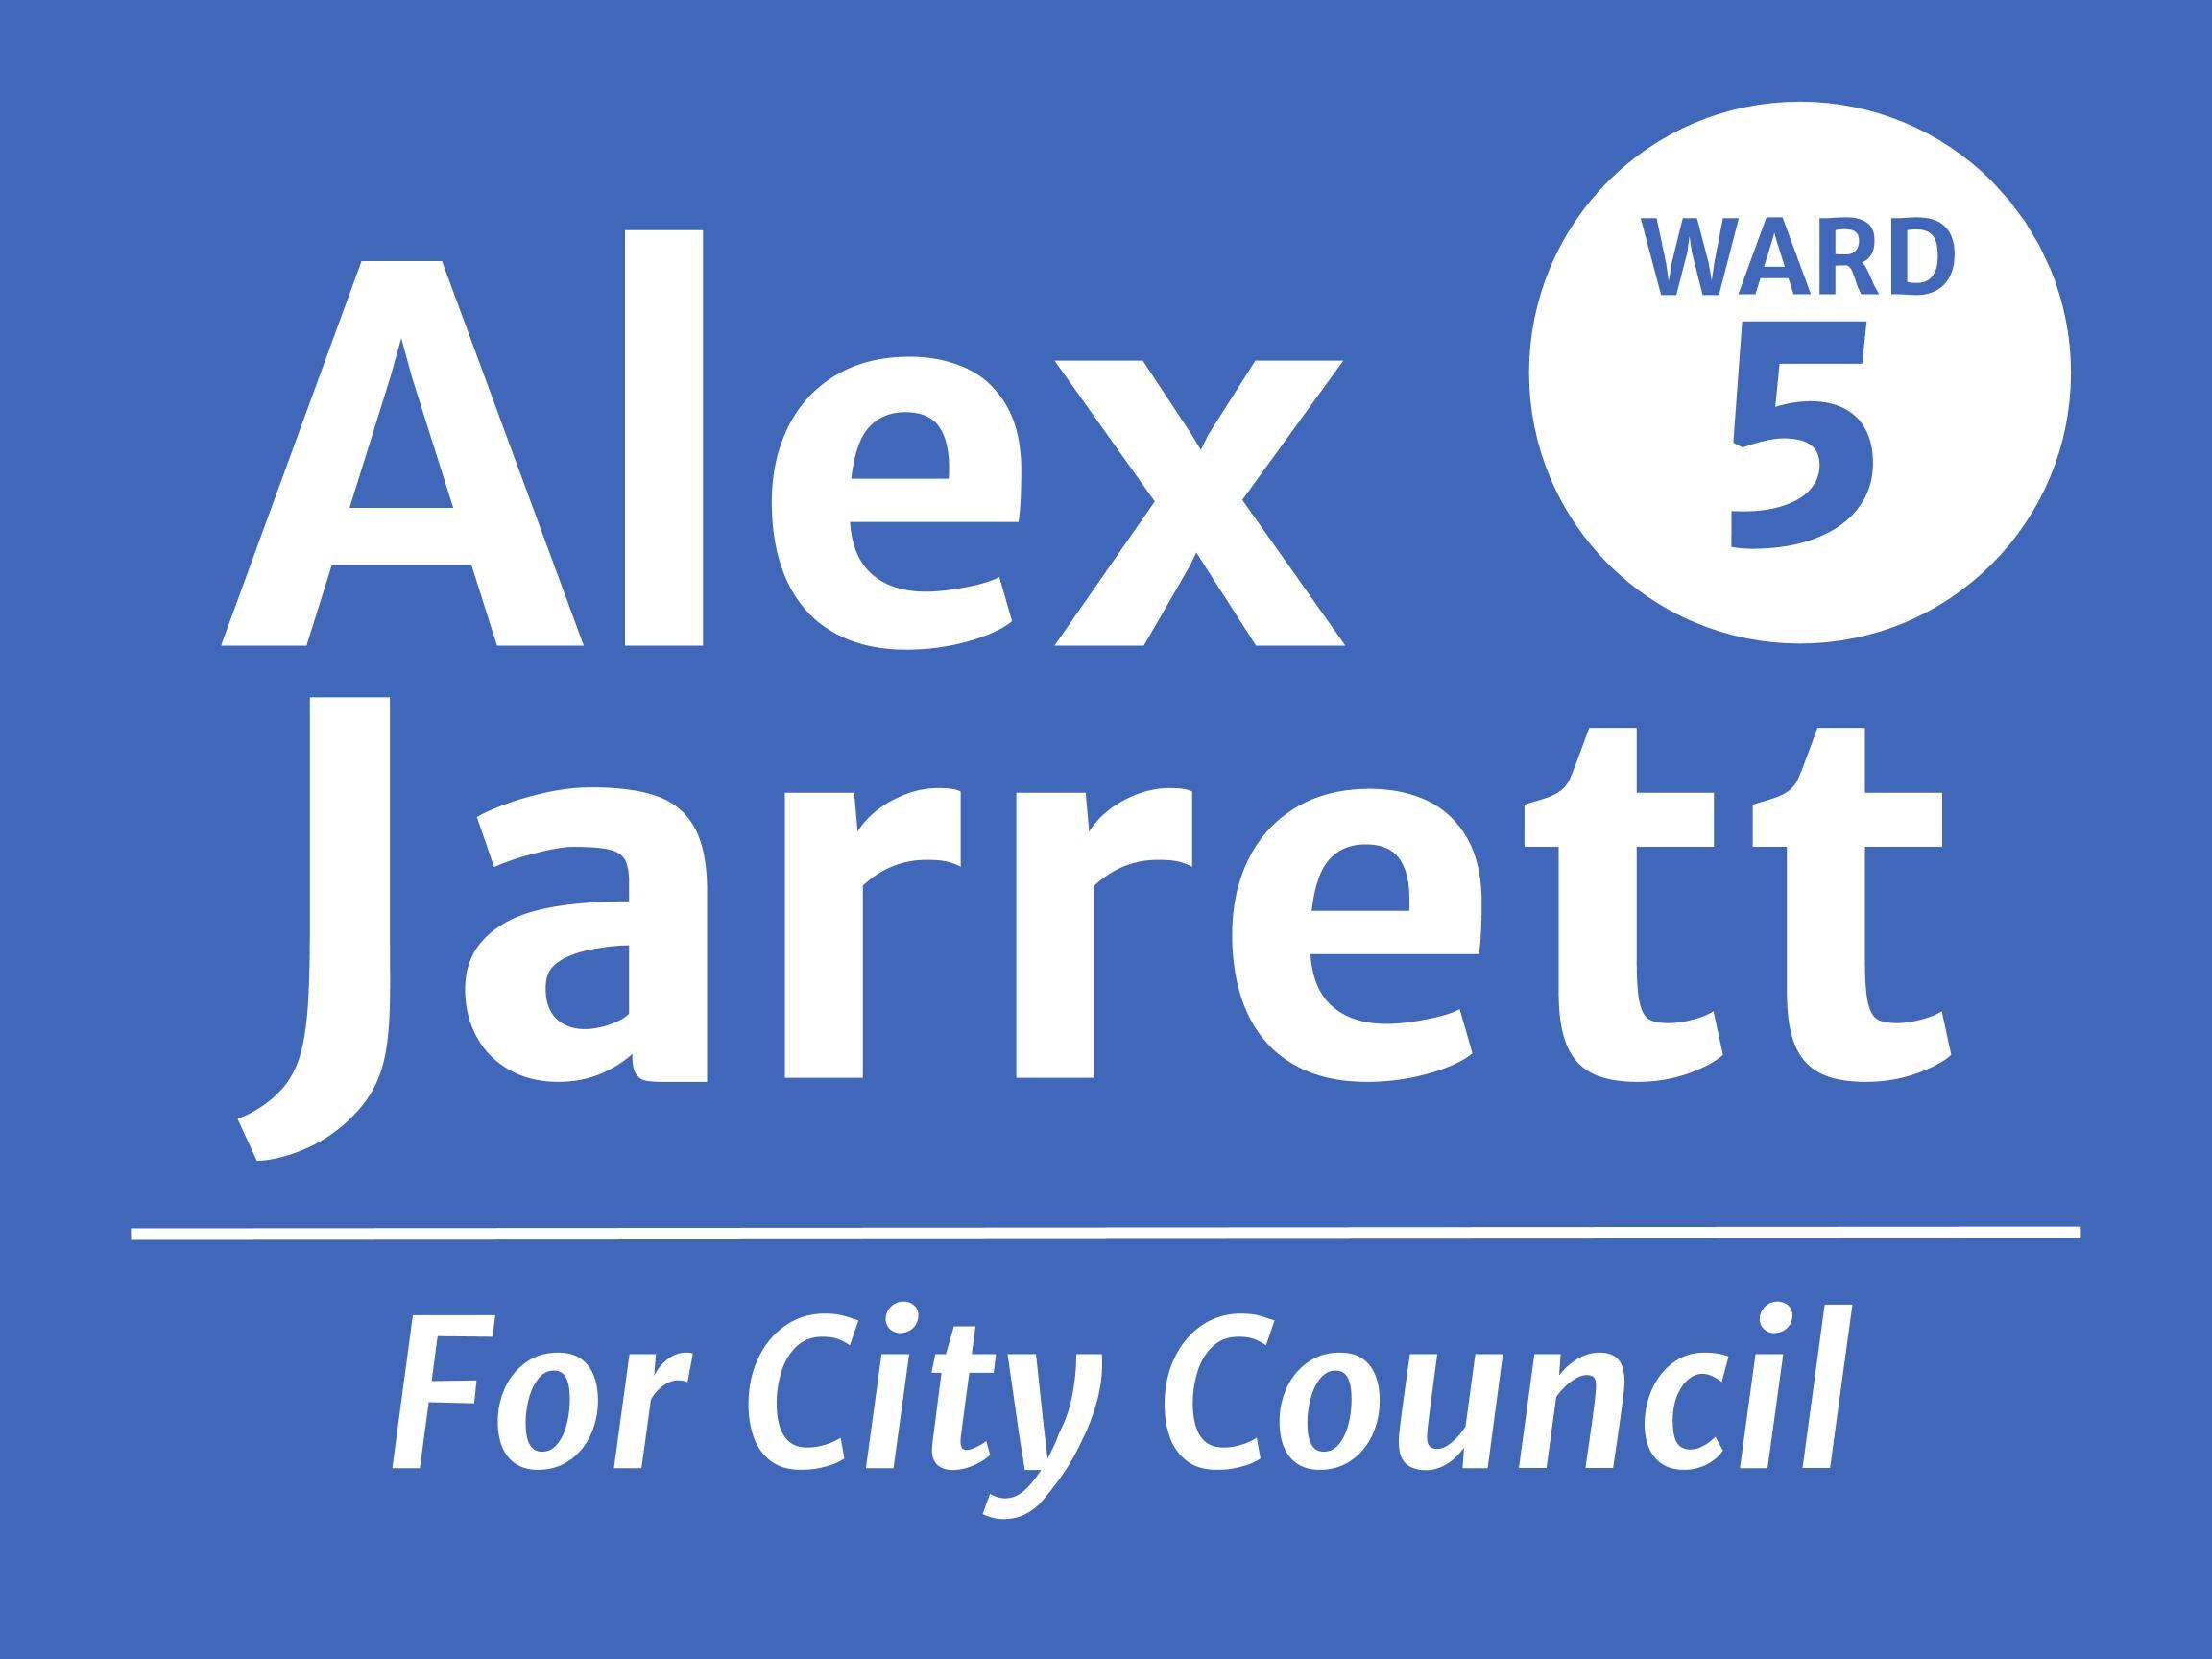 Alex Jarrett